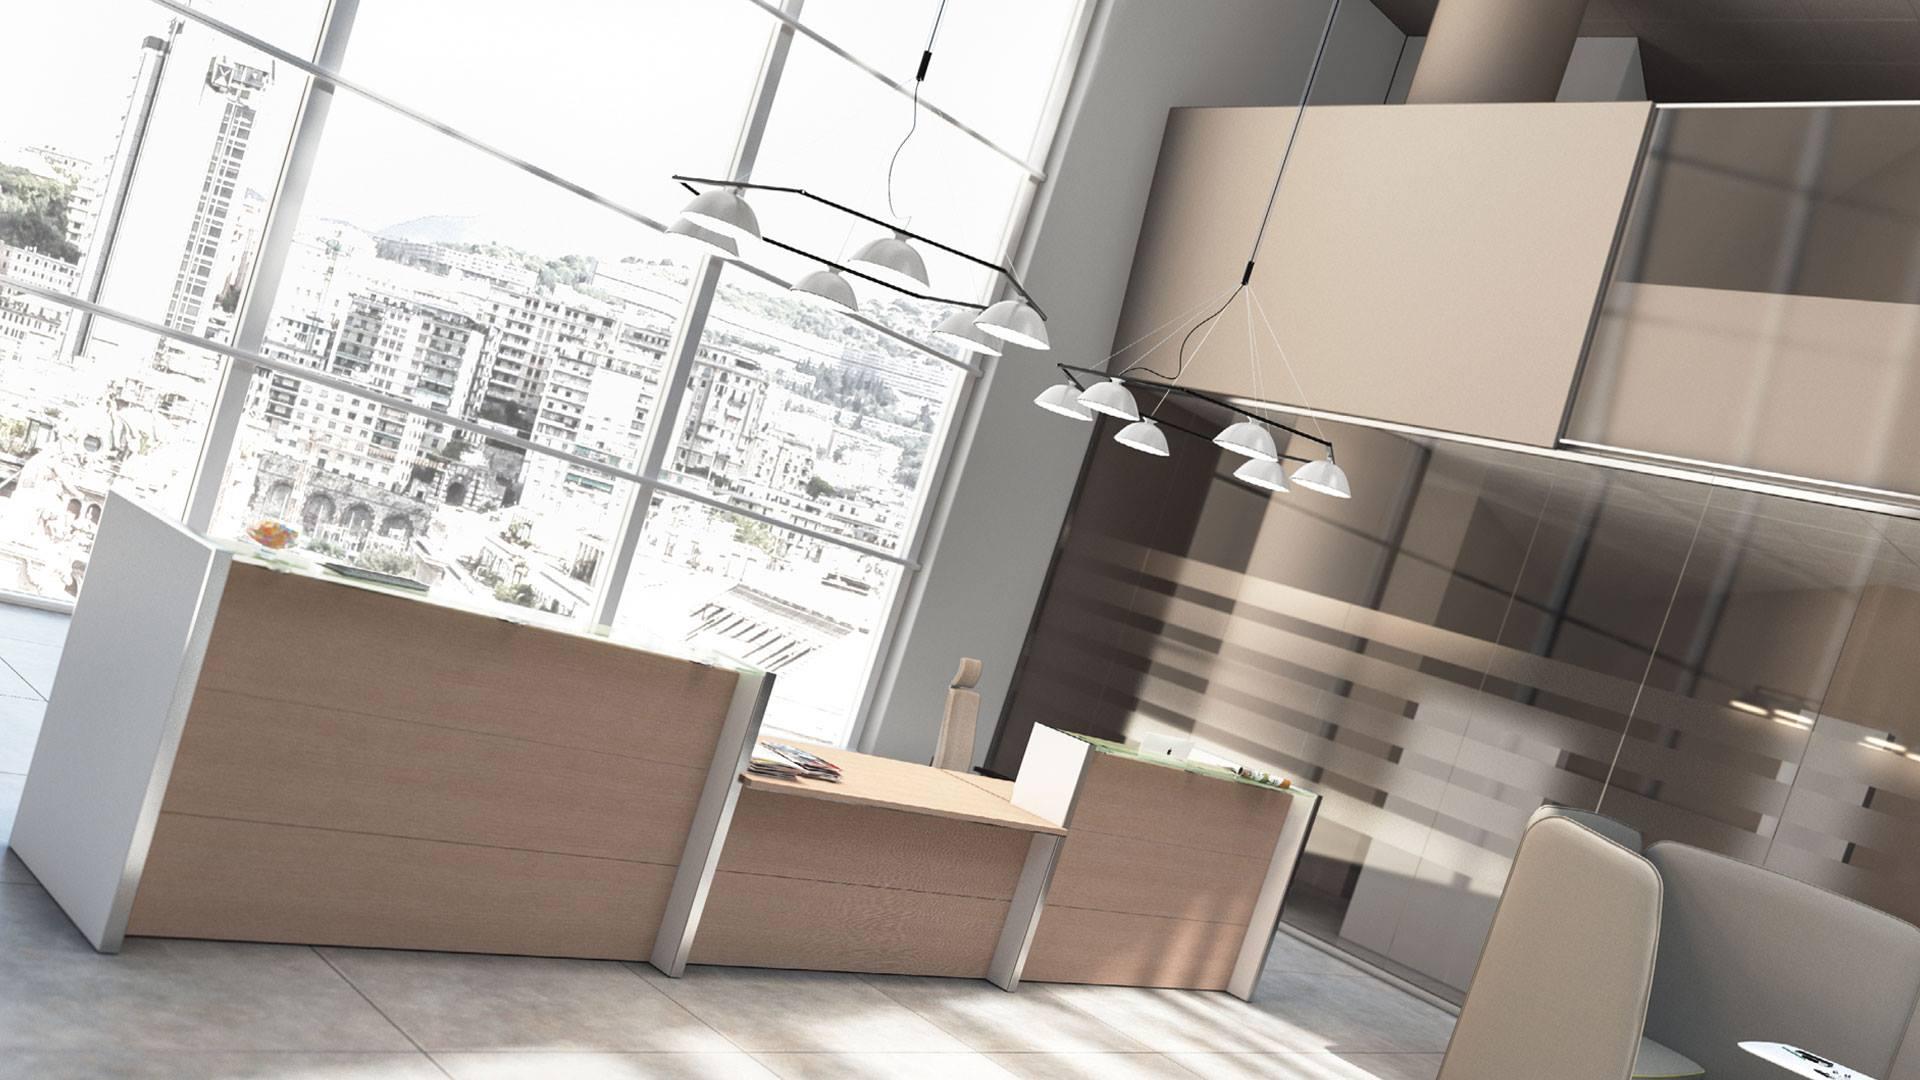 Meuble bureau noumea atlas nc ameublement et décoration en nc